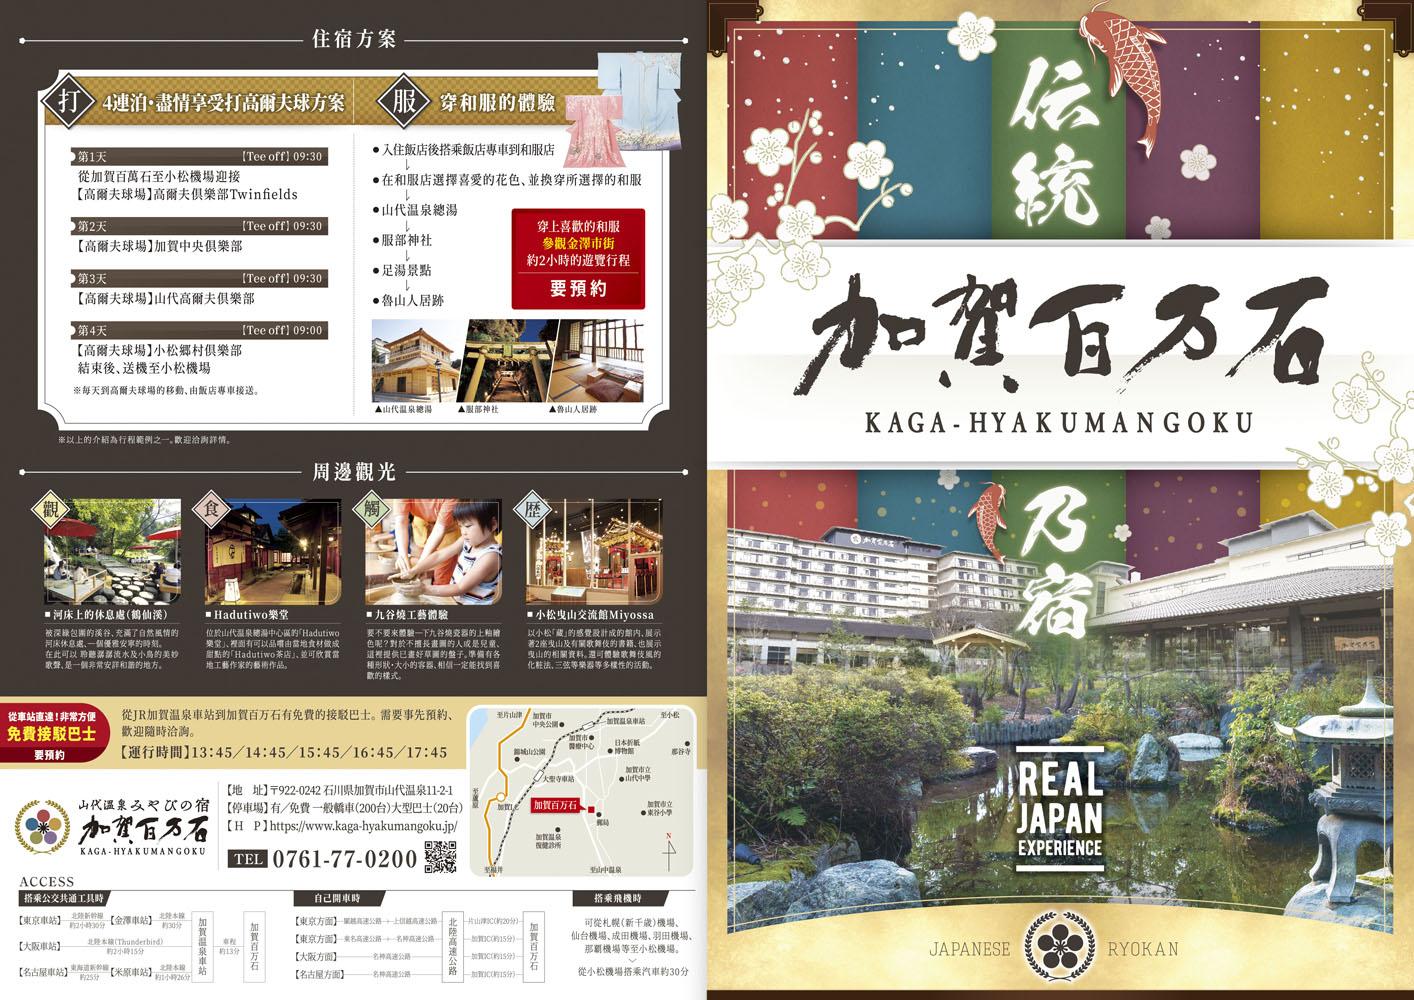 海外の富裕層を主なターゲットに、日本・金沢らしさの感じる冊子にしました